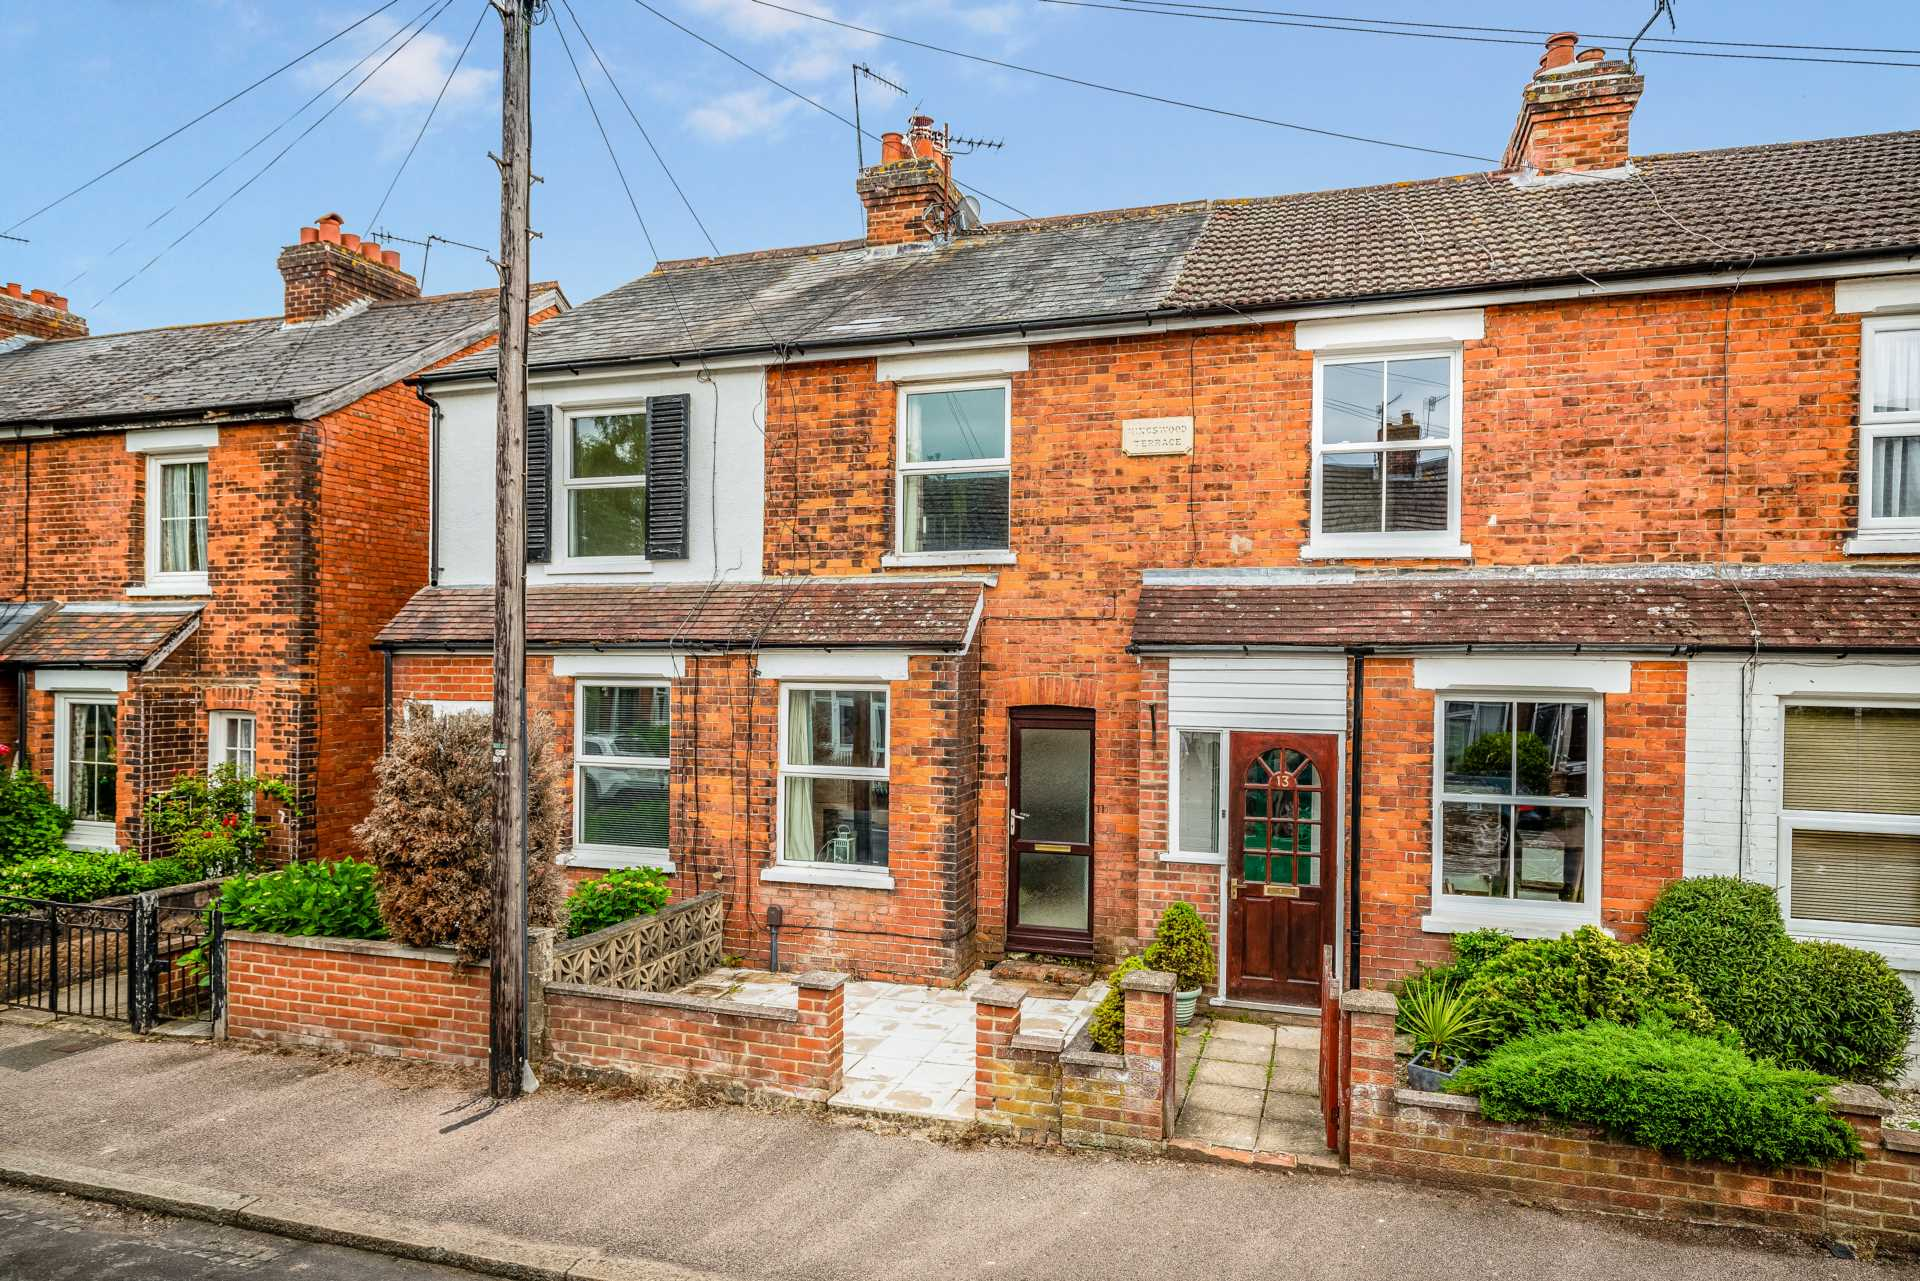 Sussex Road, Tonbridge, Image 1